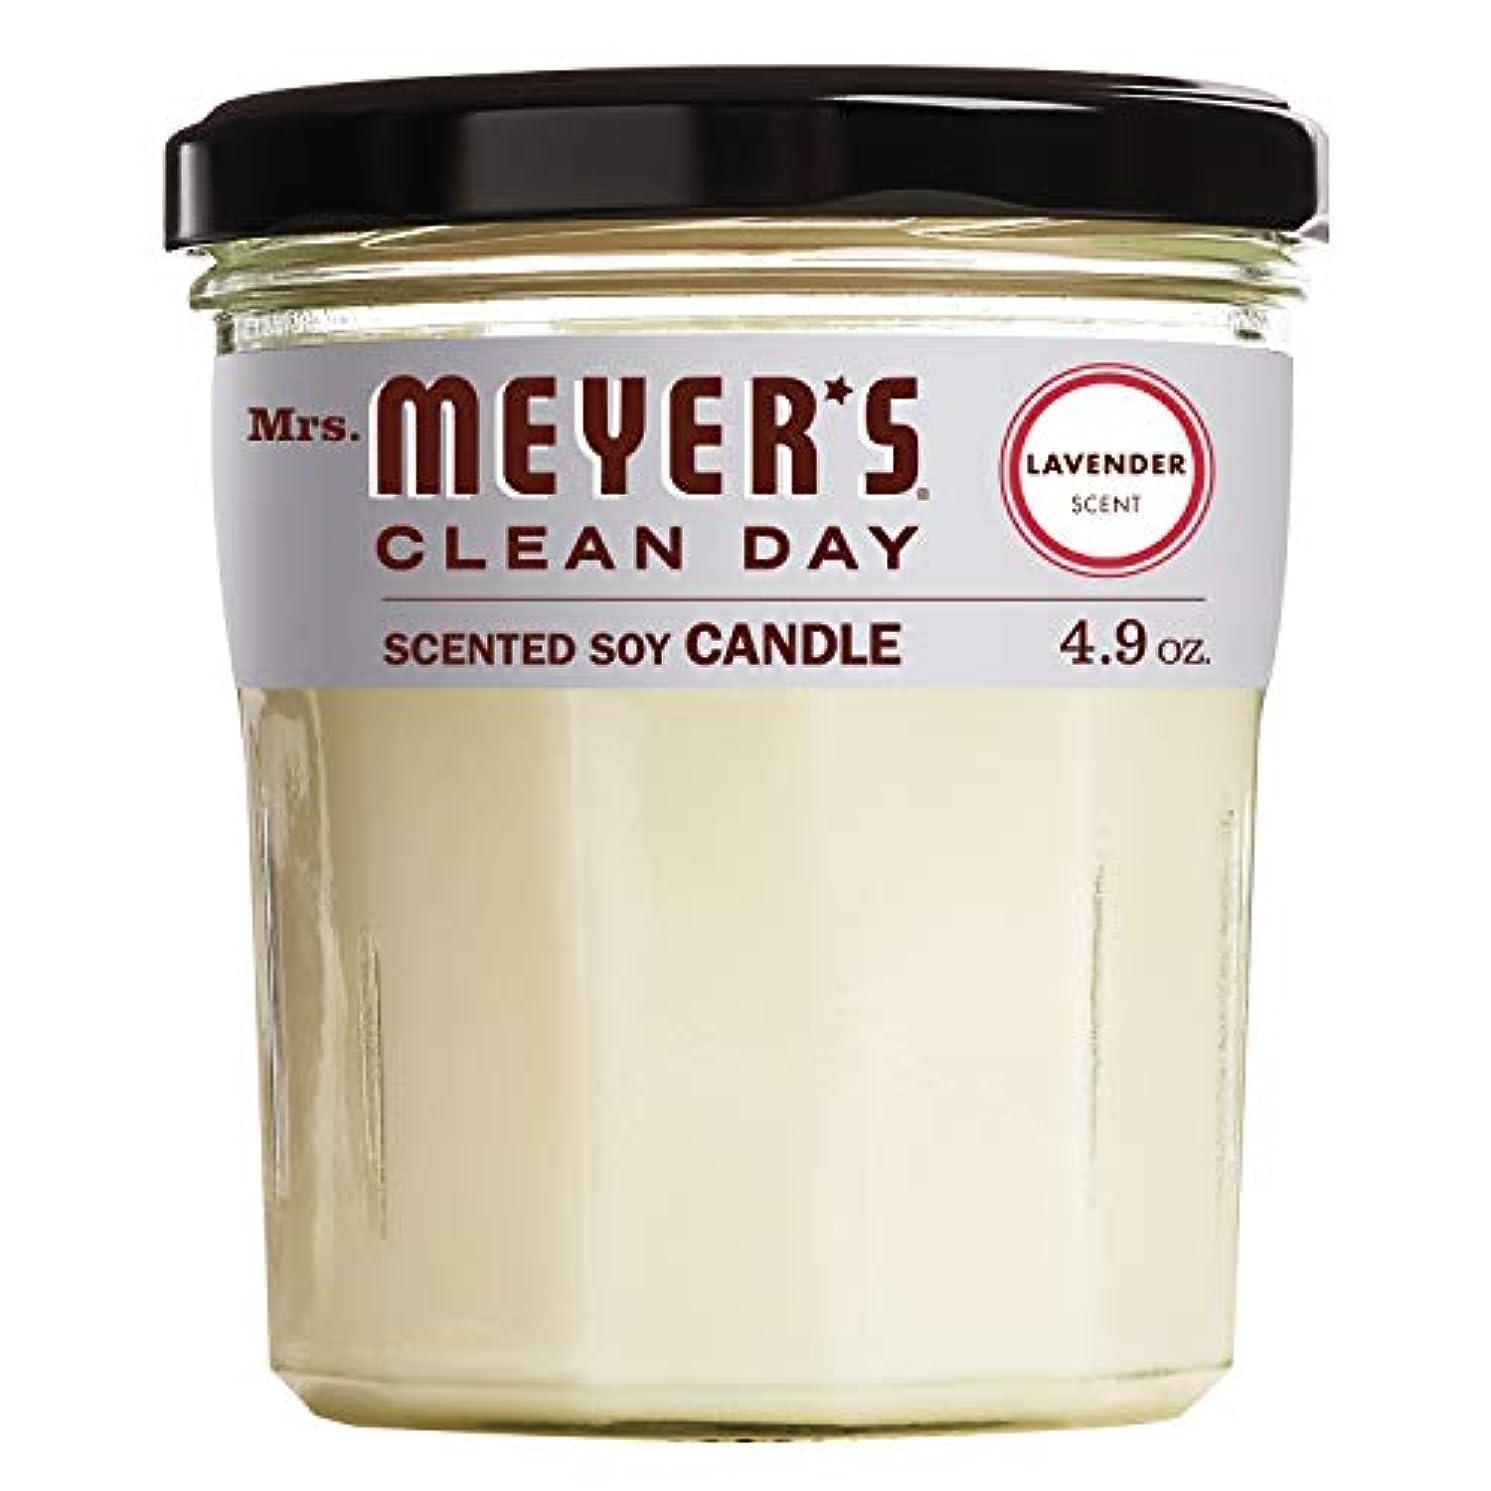 マルクス主義バラエティ過度のMrs. Meyer's Merge Clean Day Scented Soy Candle, Lavender, Small, 4.9 Ounce by Mrs. Meyer's Clean Day